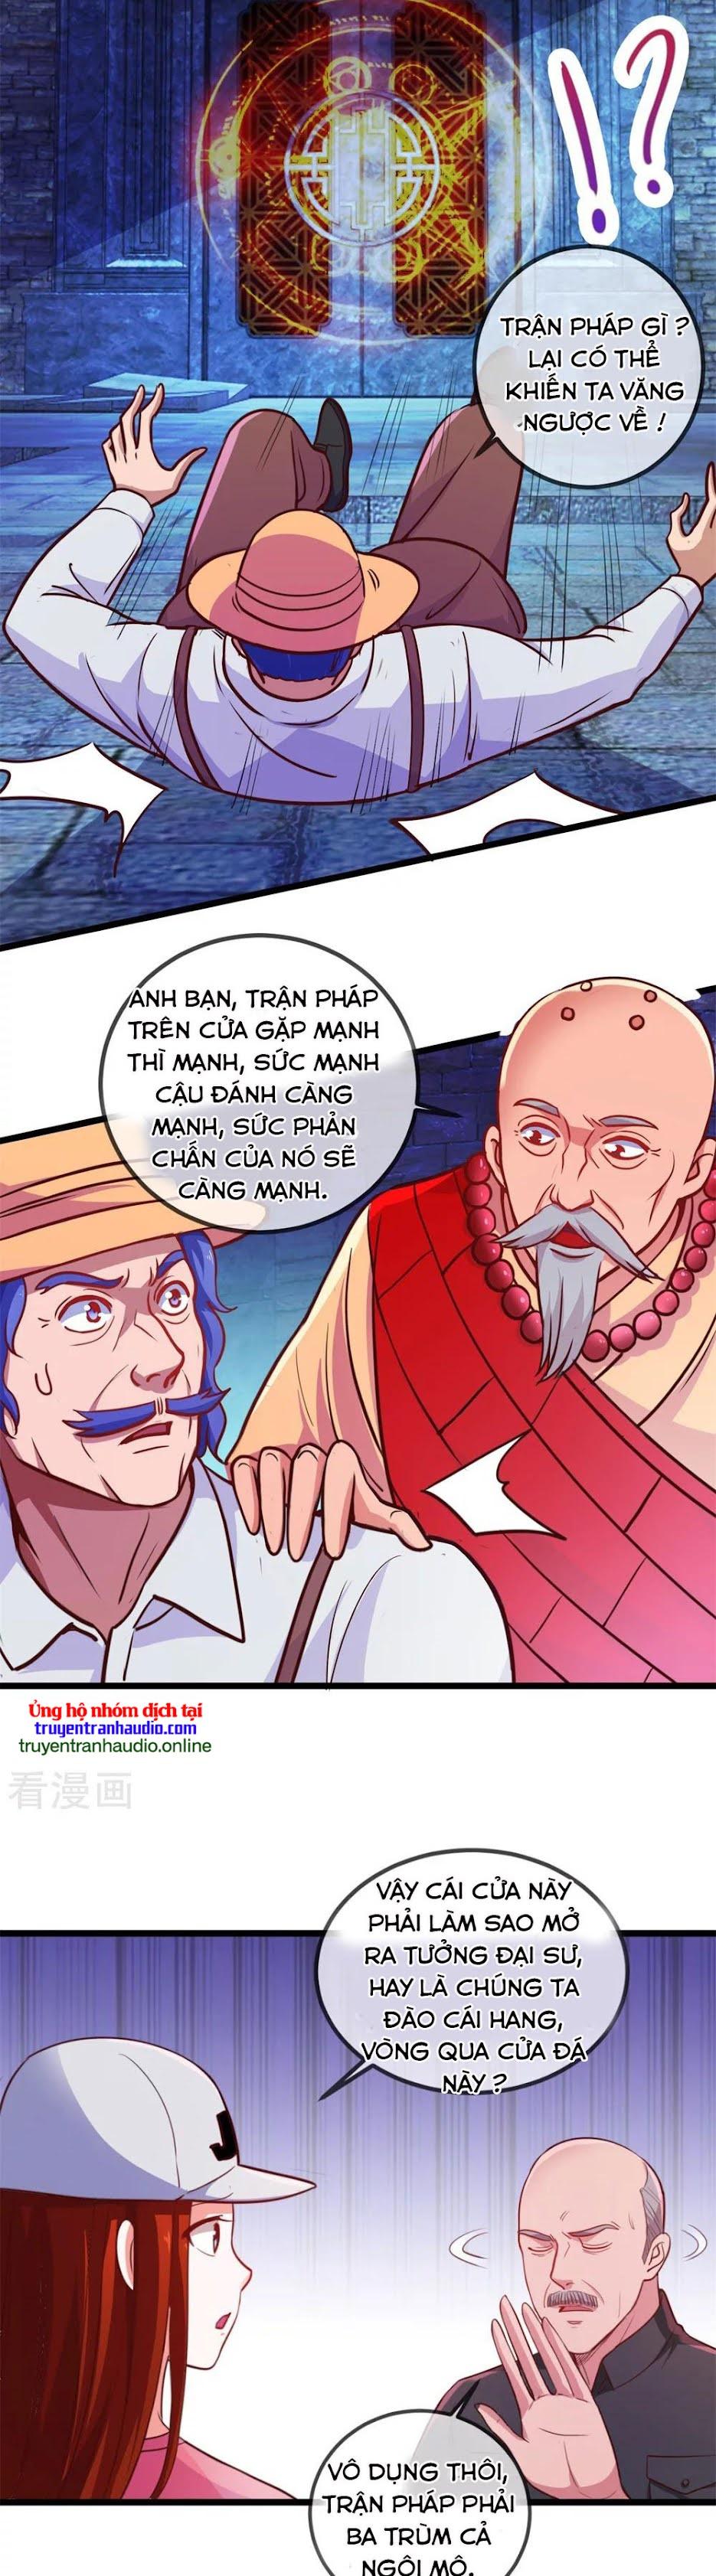 Trọng Sinh Địa Cầu Tiên Tôn Chương 91 - Vcomic.net